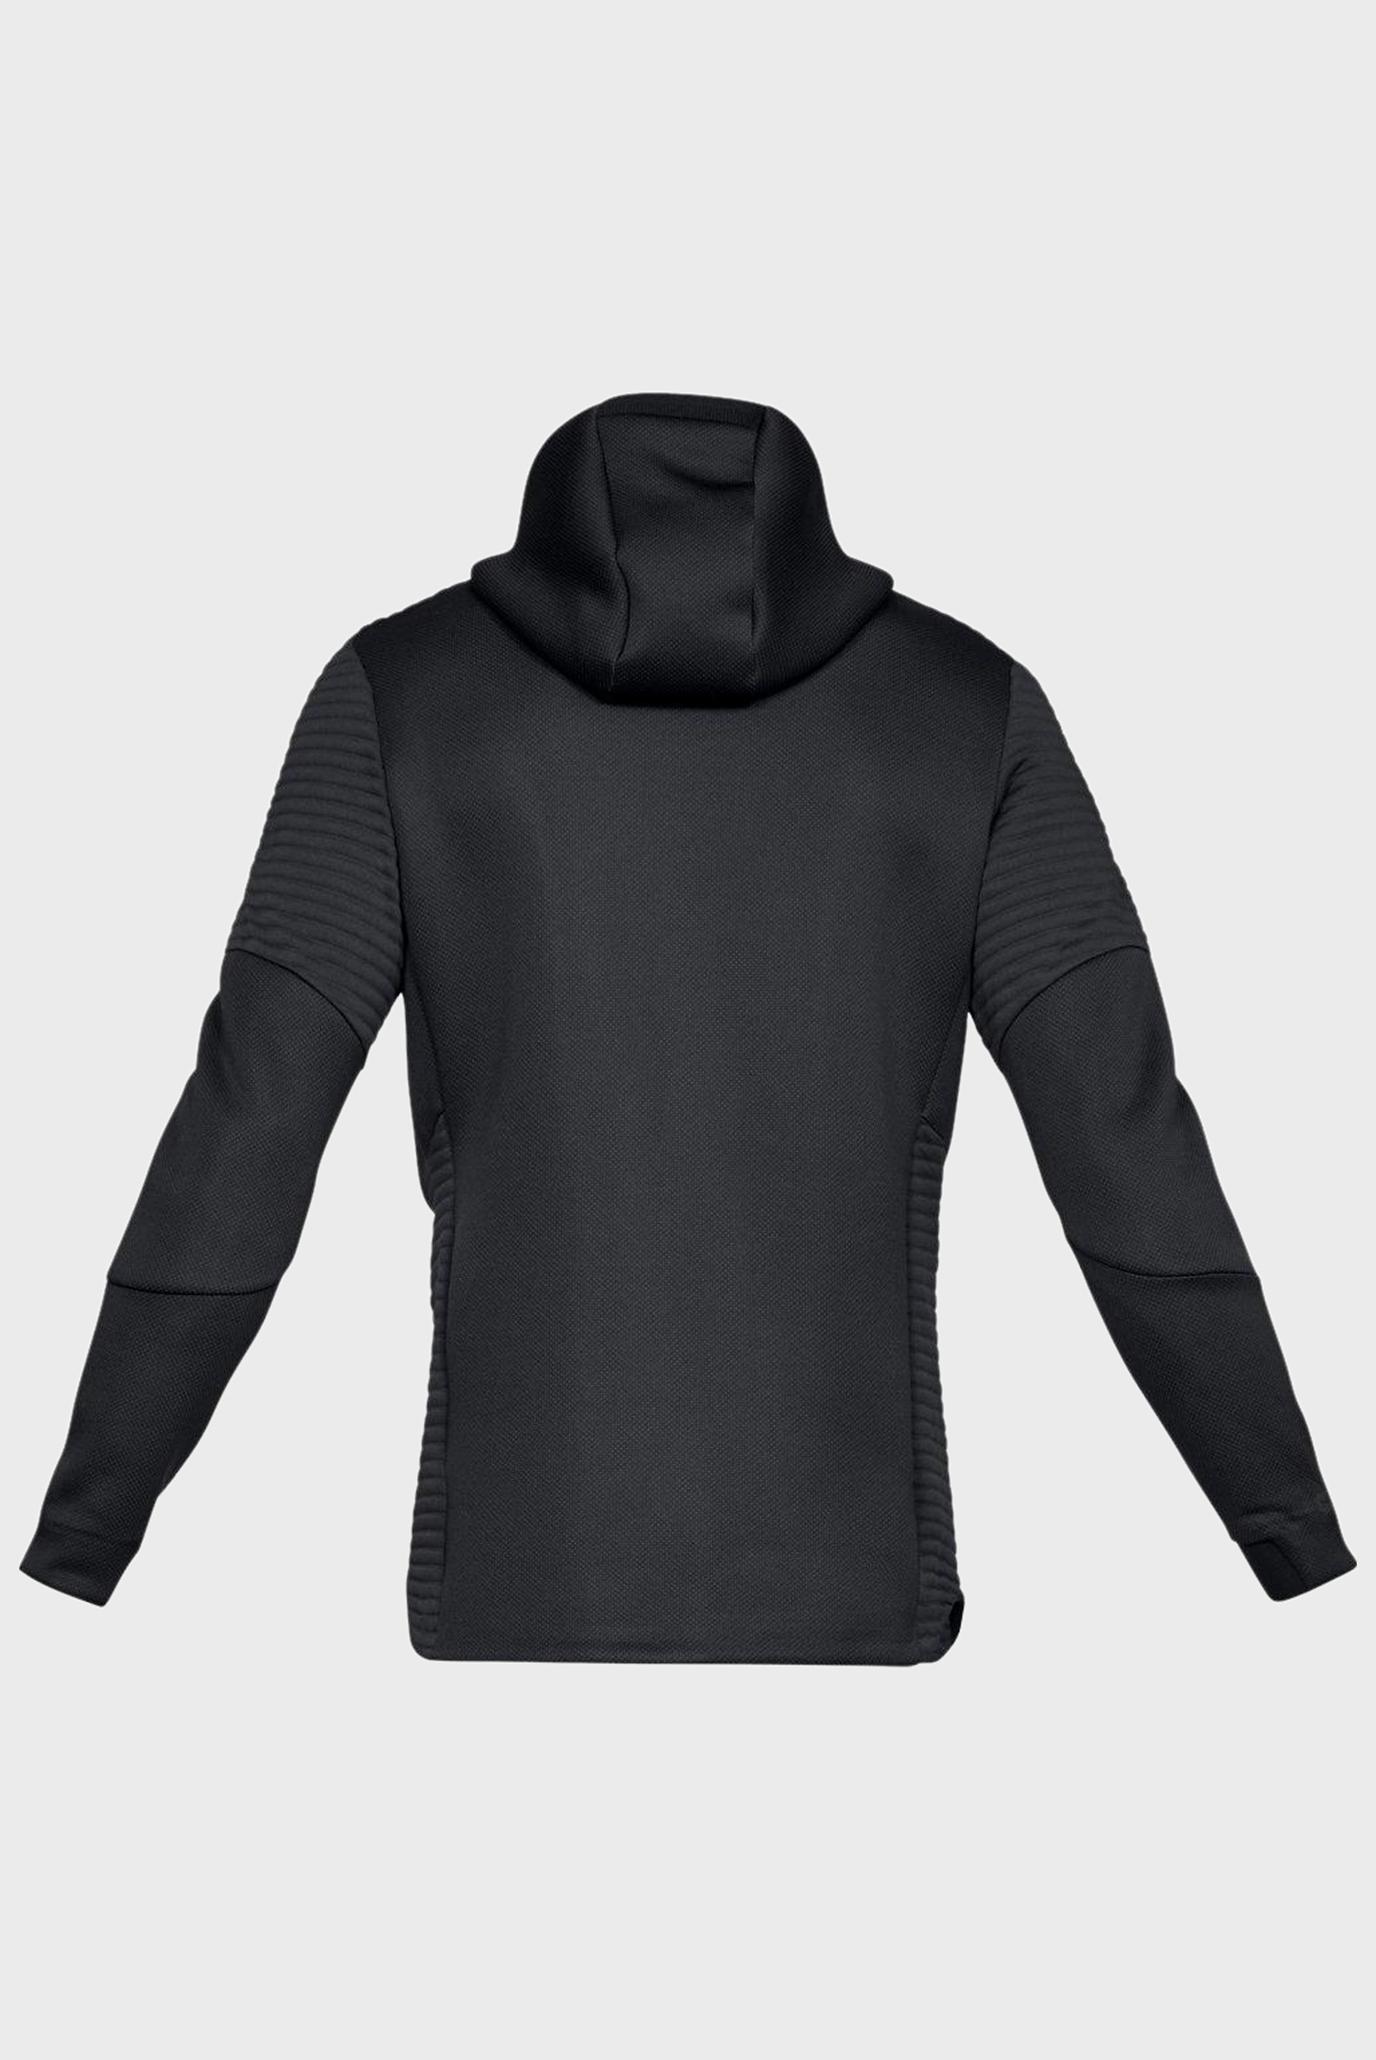 Купить Мужское черное худи UA MOVE Under Armour Under Armour 1320705-001 – Киев, Украина. Цены в интернет магазине MD Fashion